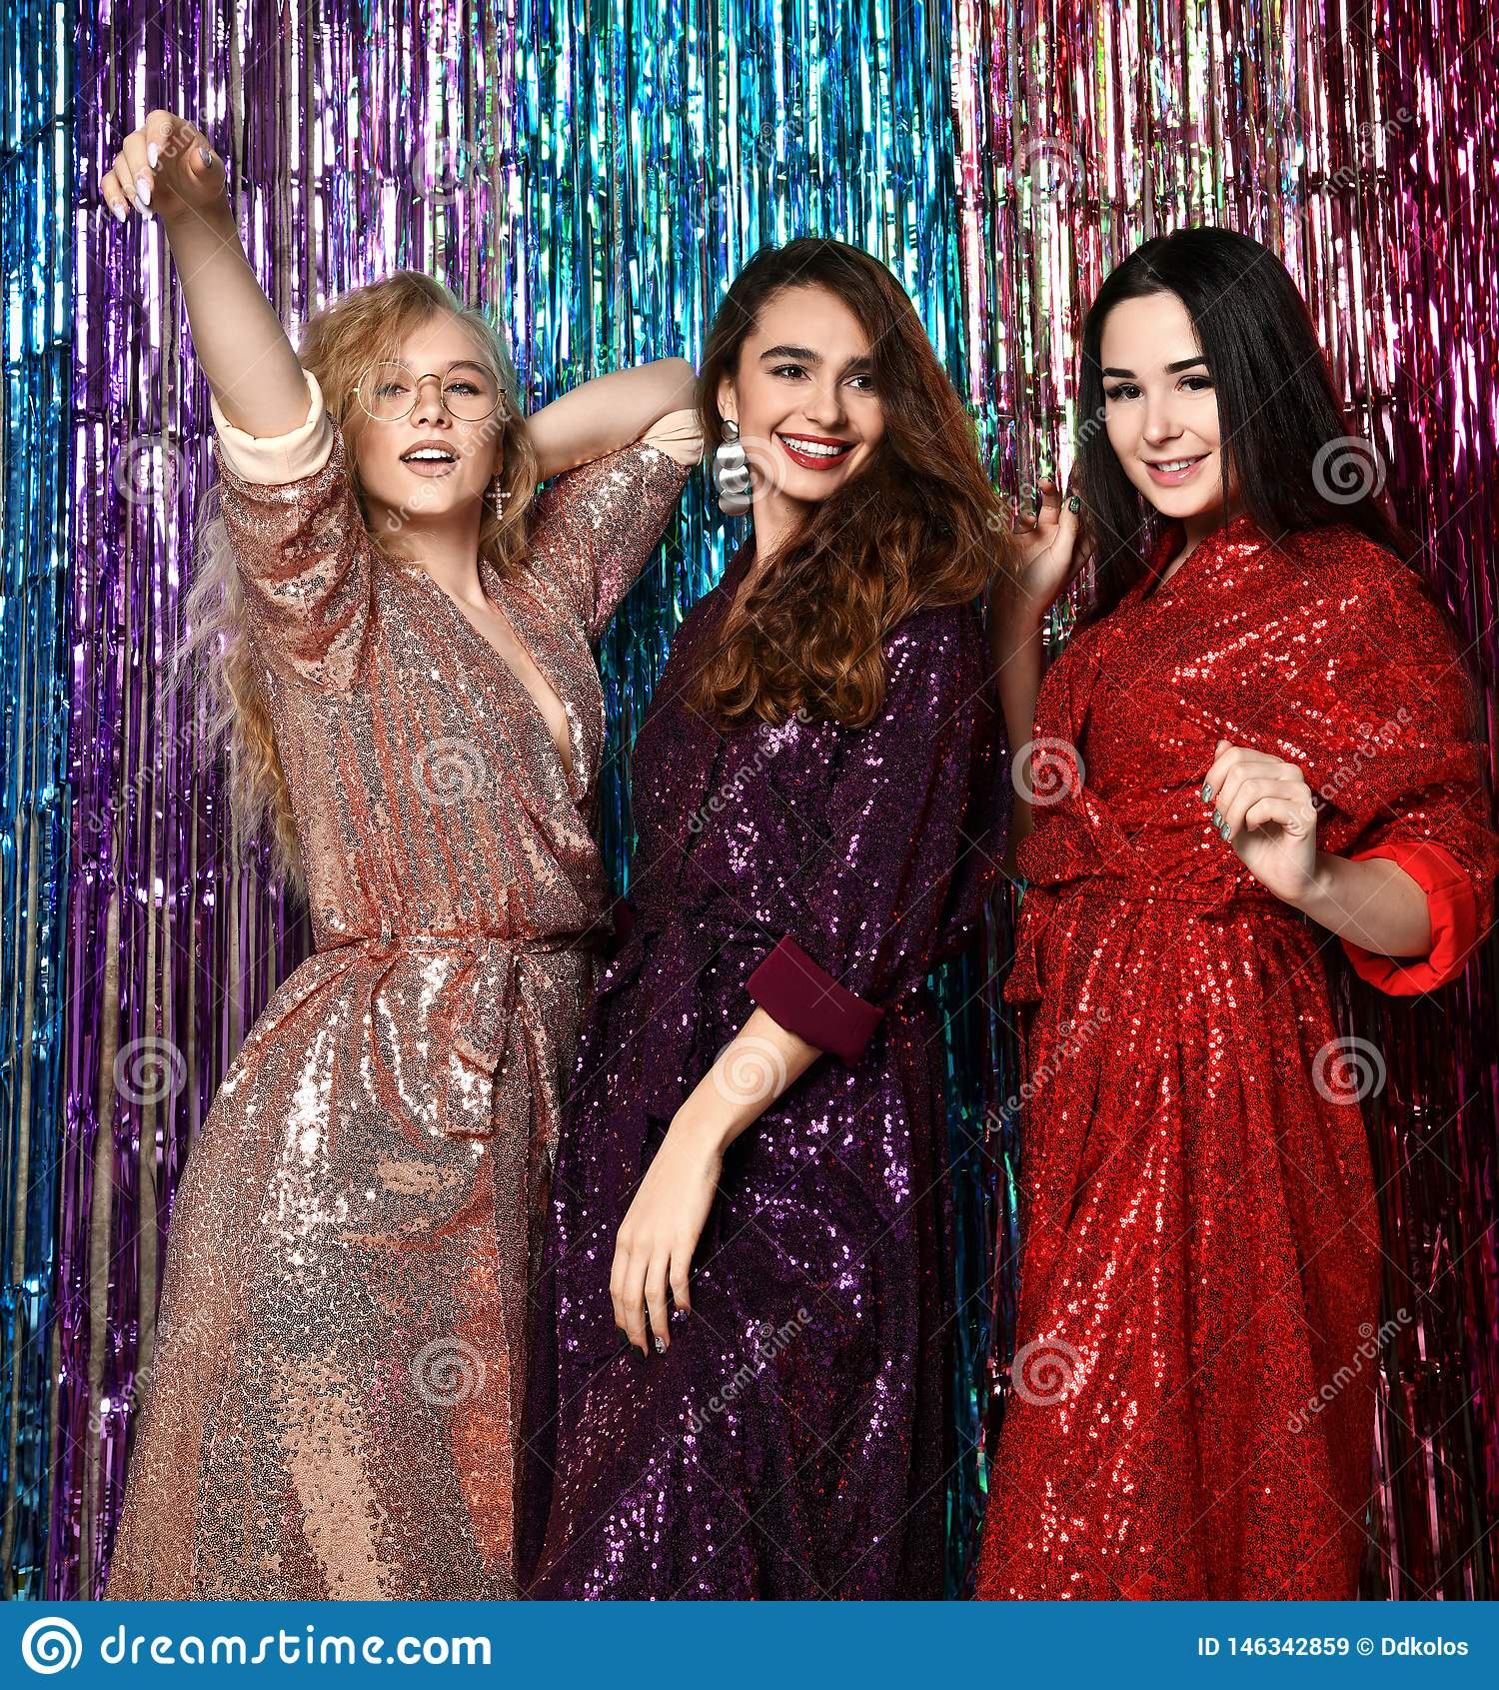 Galen partitid av tre h?rliga stilfulla kvinnor i elegant dr?kt som firar nytt ?r, f?delsedag och att ha gyckel, dans